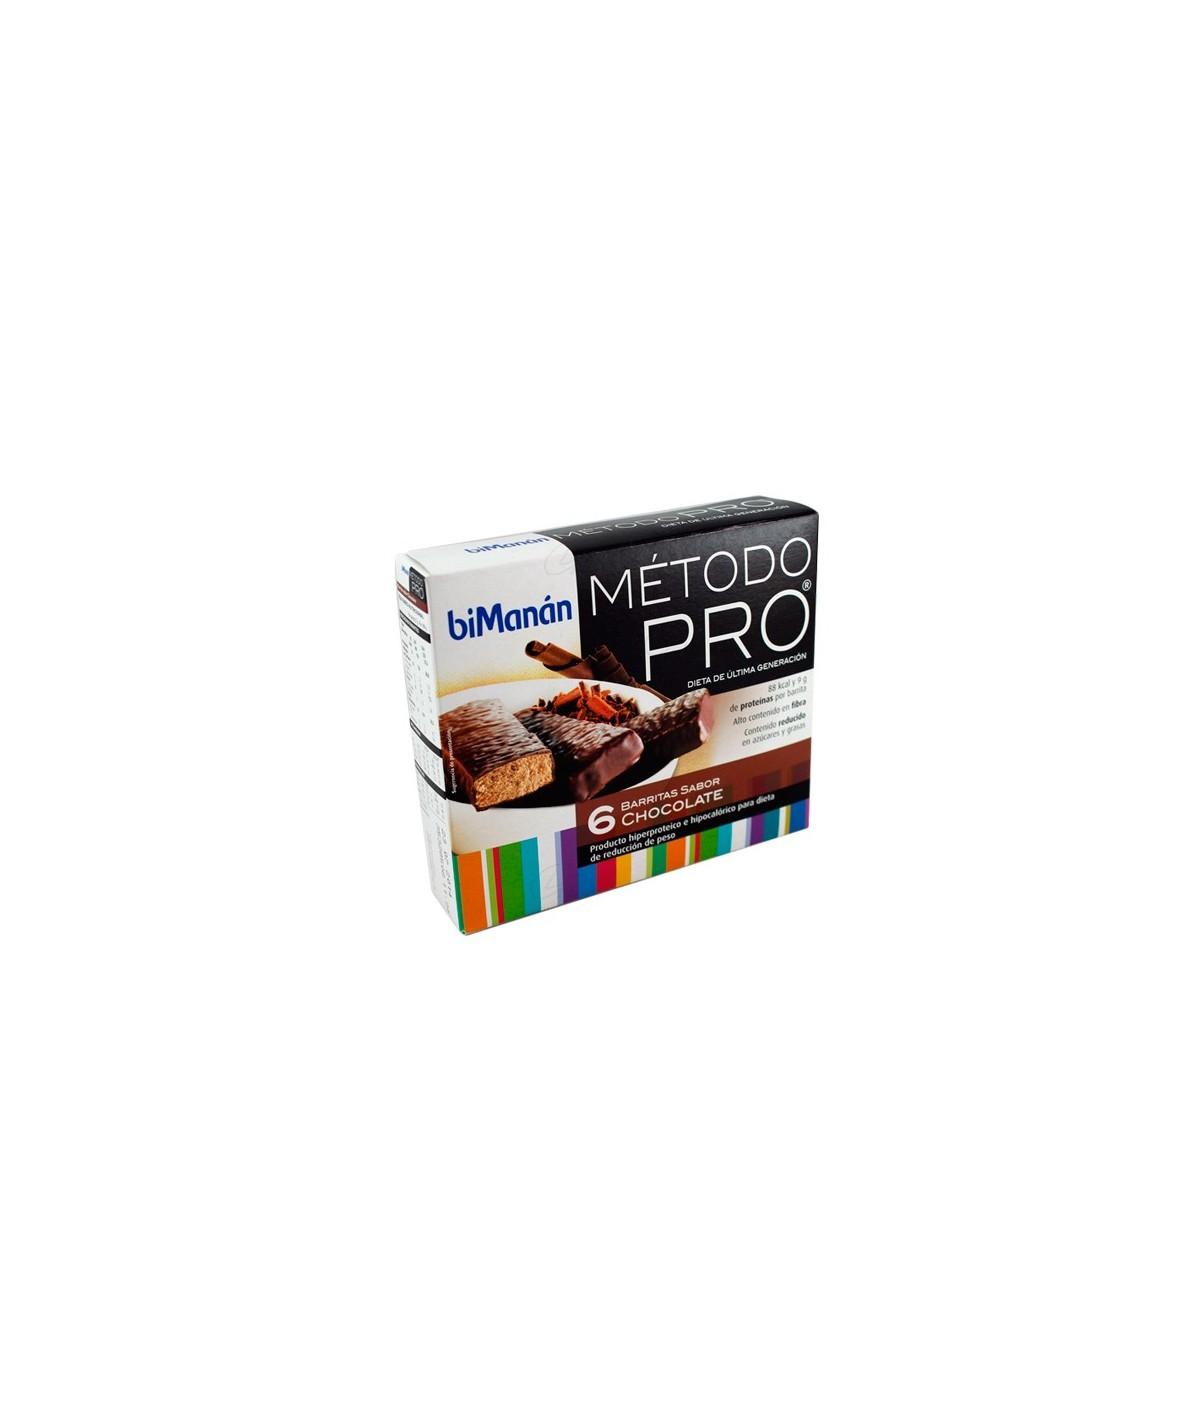 BIMANAN METODO PRO BARRITA CHOCOLATE 6 BARRITAS